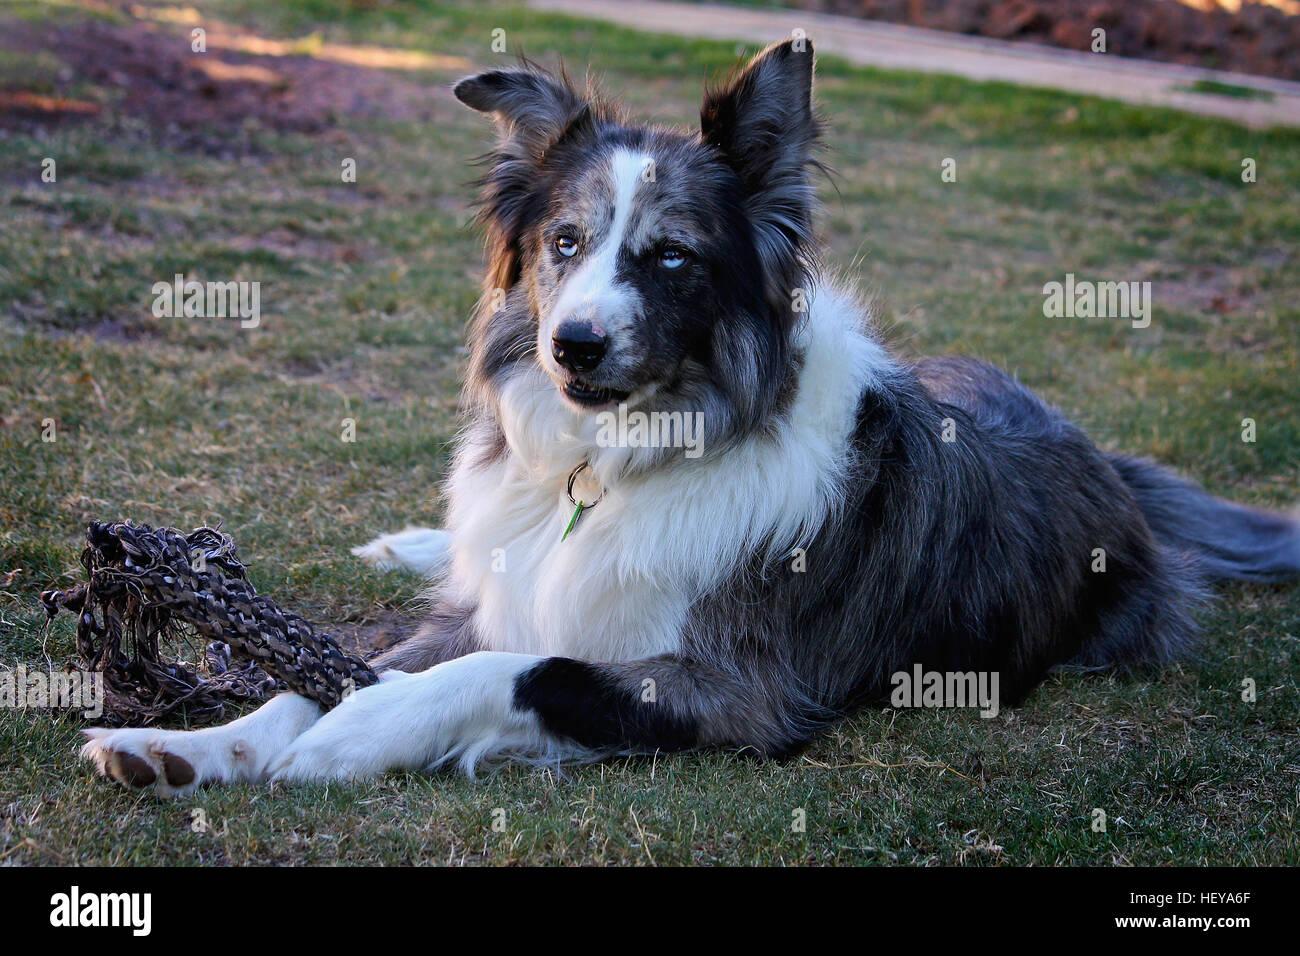 German koolie dog